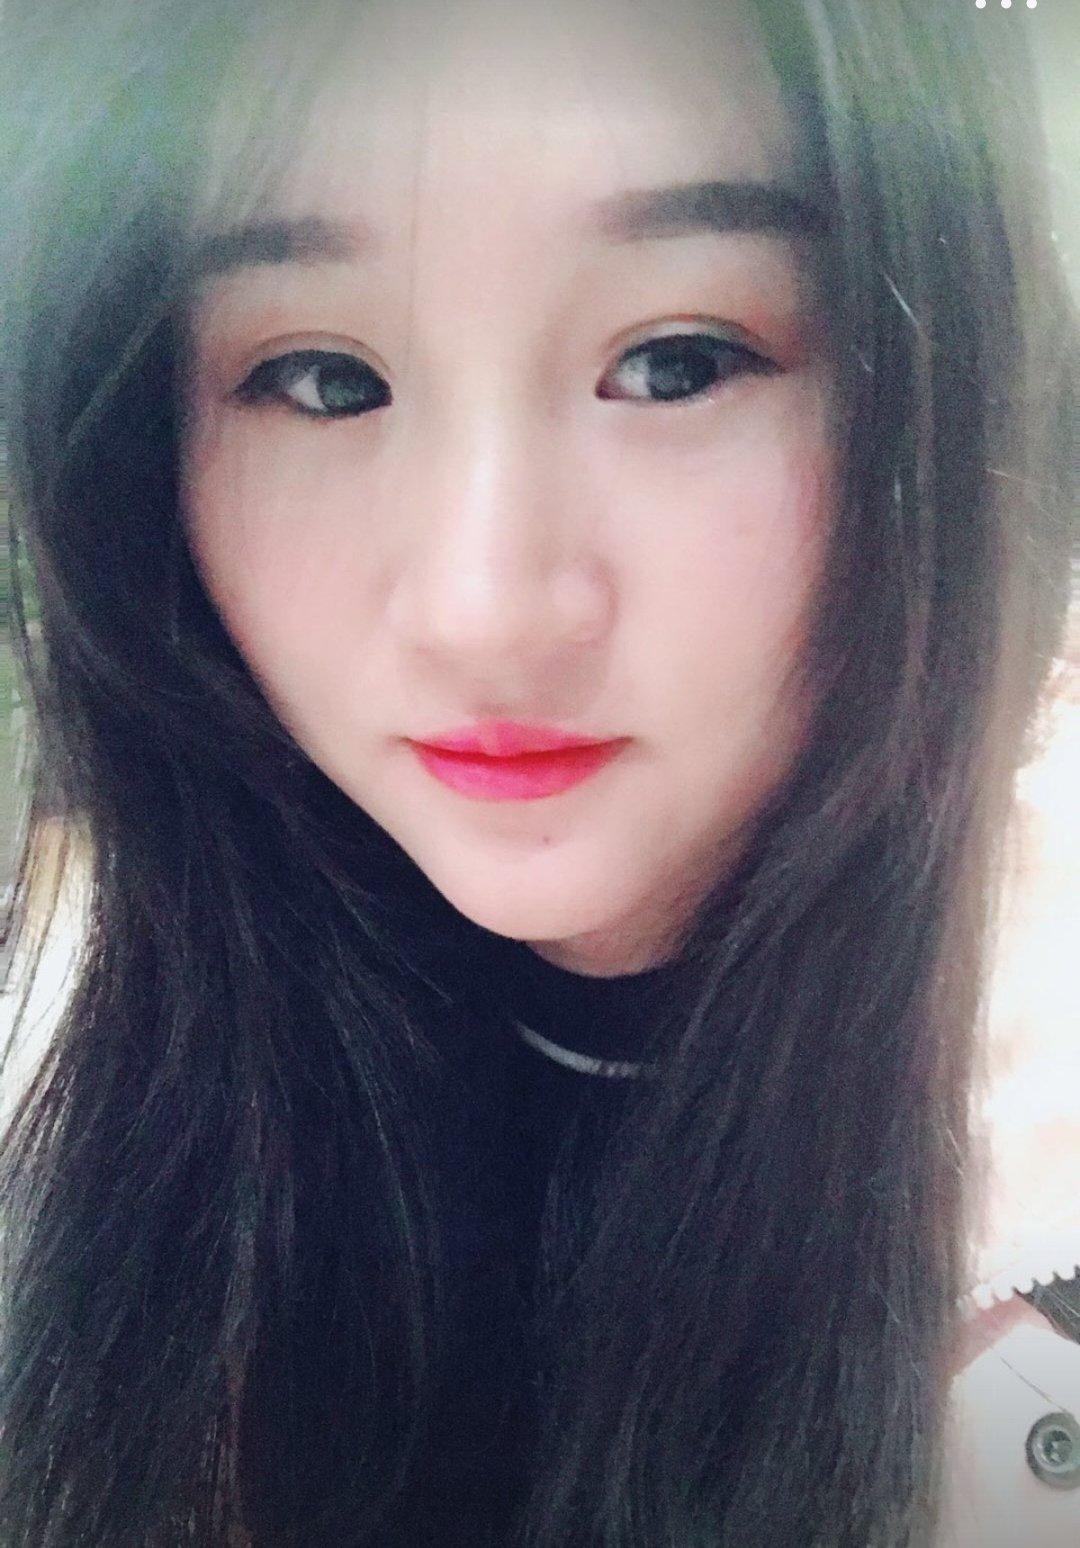 张大仙跟梦泪的女朋友,看到她们照片后,网友 差距怎么这么大图片